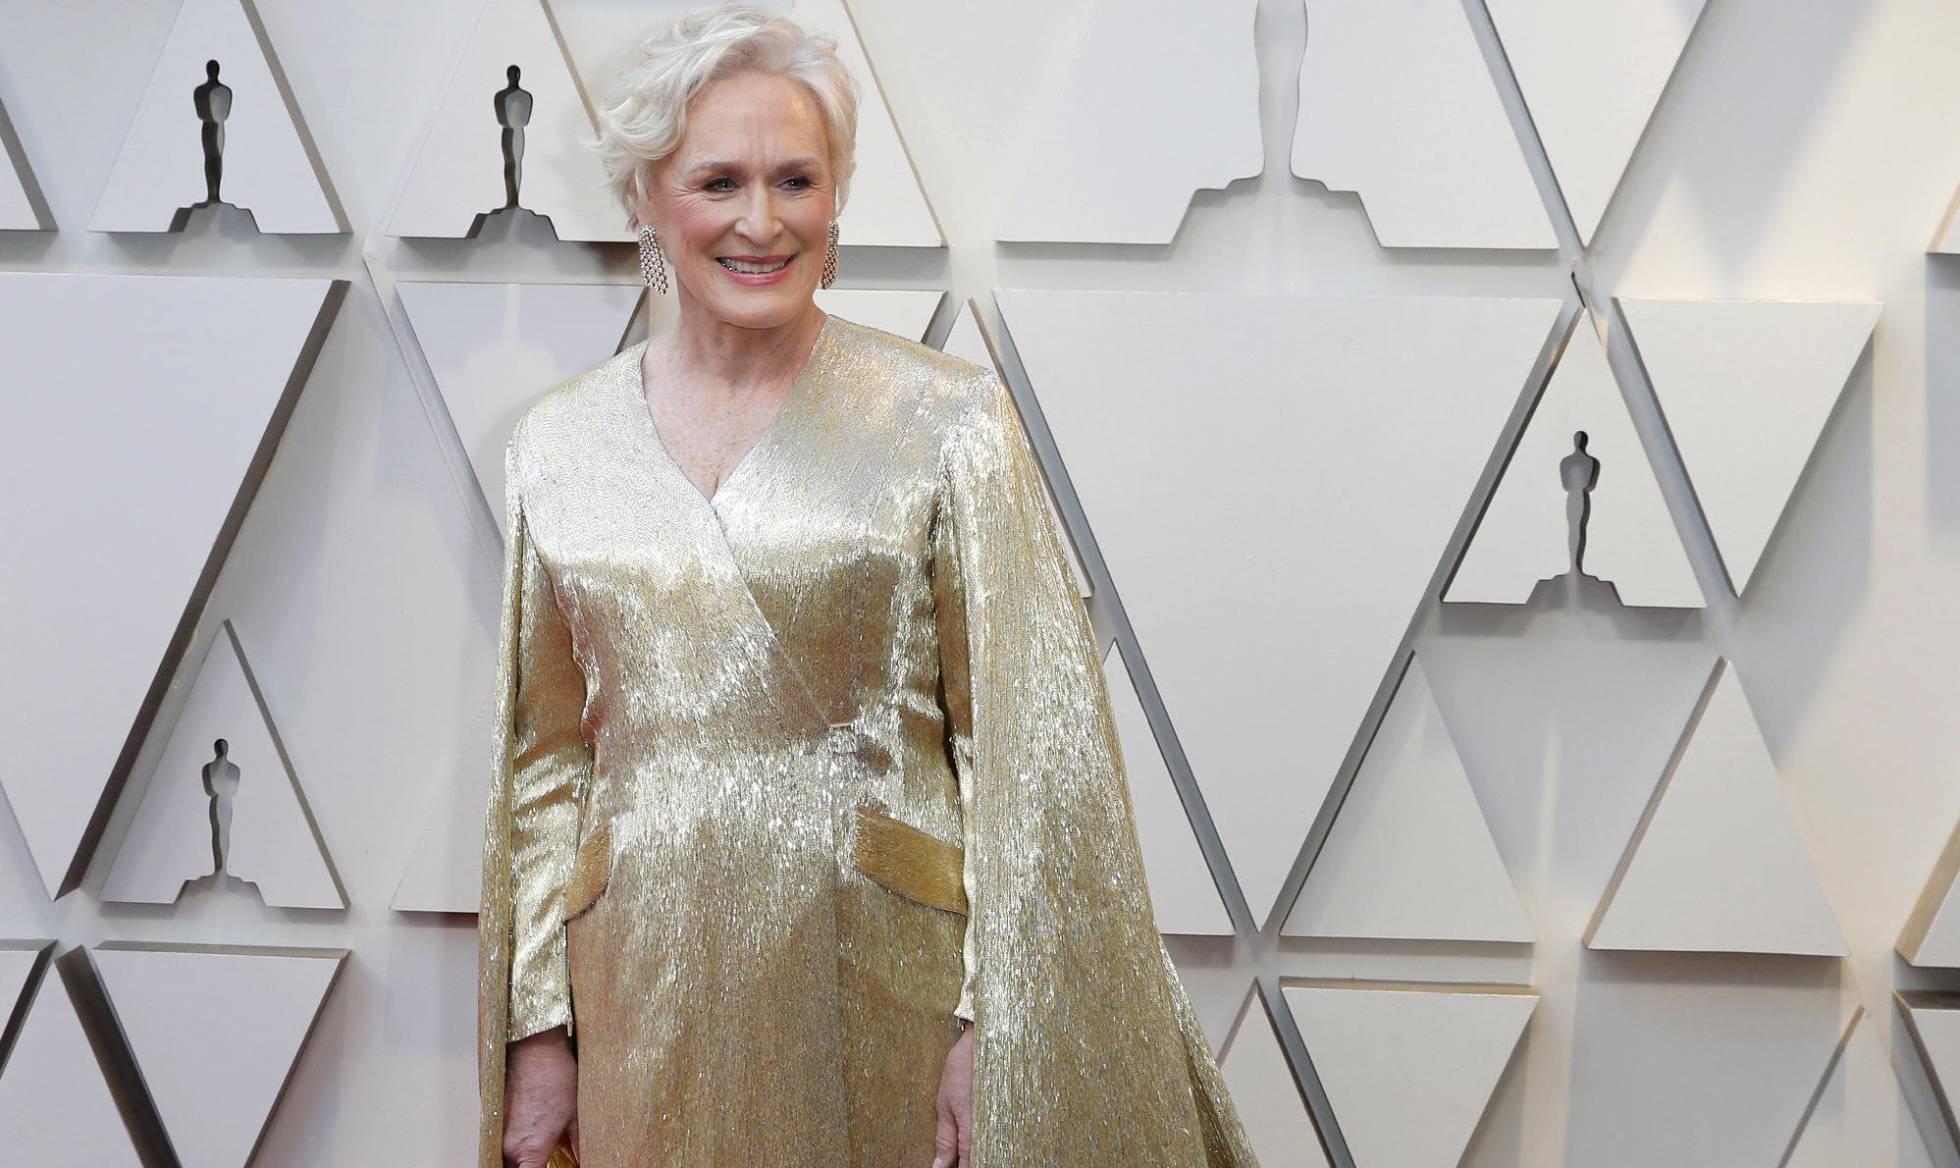 El mejor papel de Glenn Close: encajar que no le dieran el Oscar